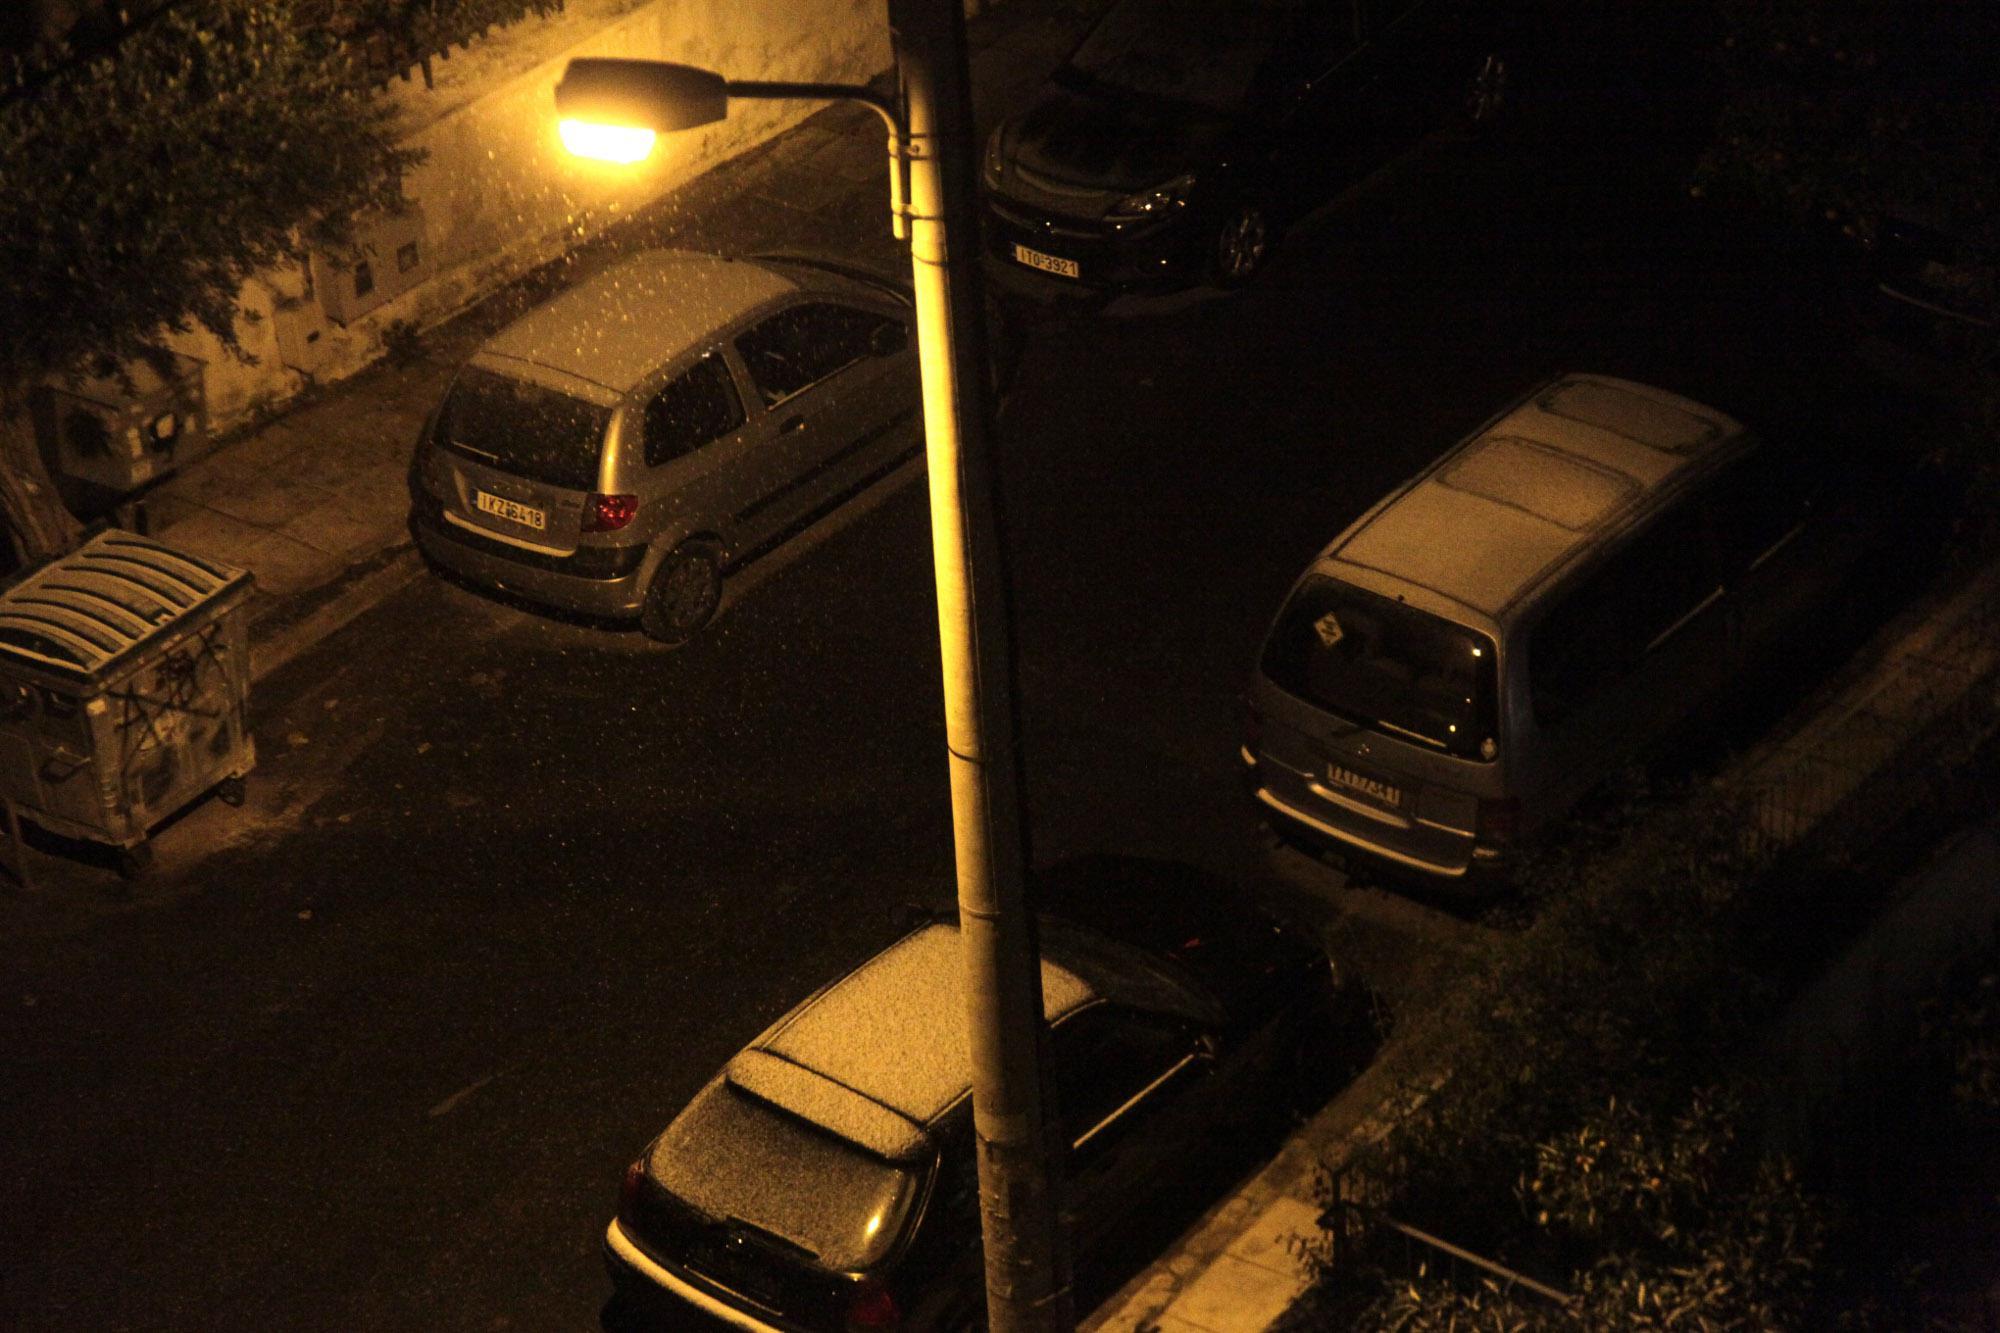 4013070 Στα «λευκά» ντύθηκε η Αθήνα – Συνεχίζεται και την Τρίτη η σφοδρή κακοκαιρία [εικόνες]